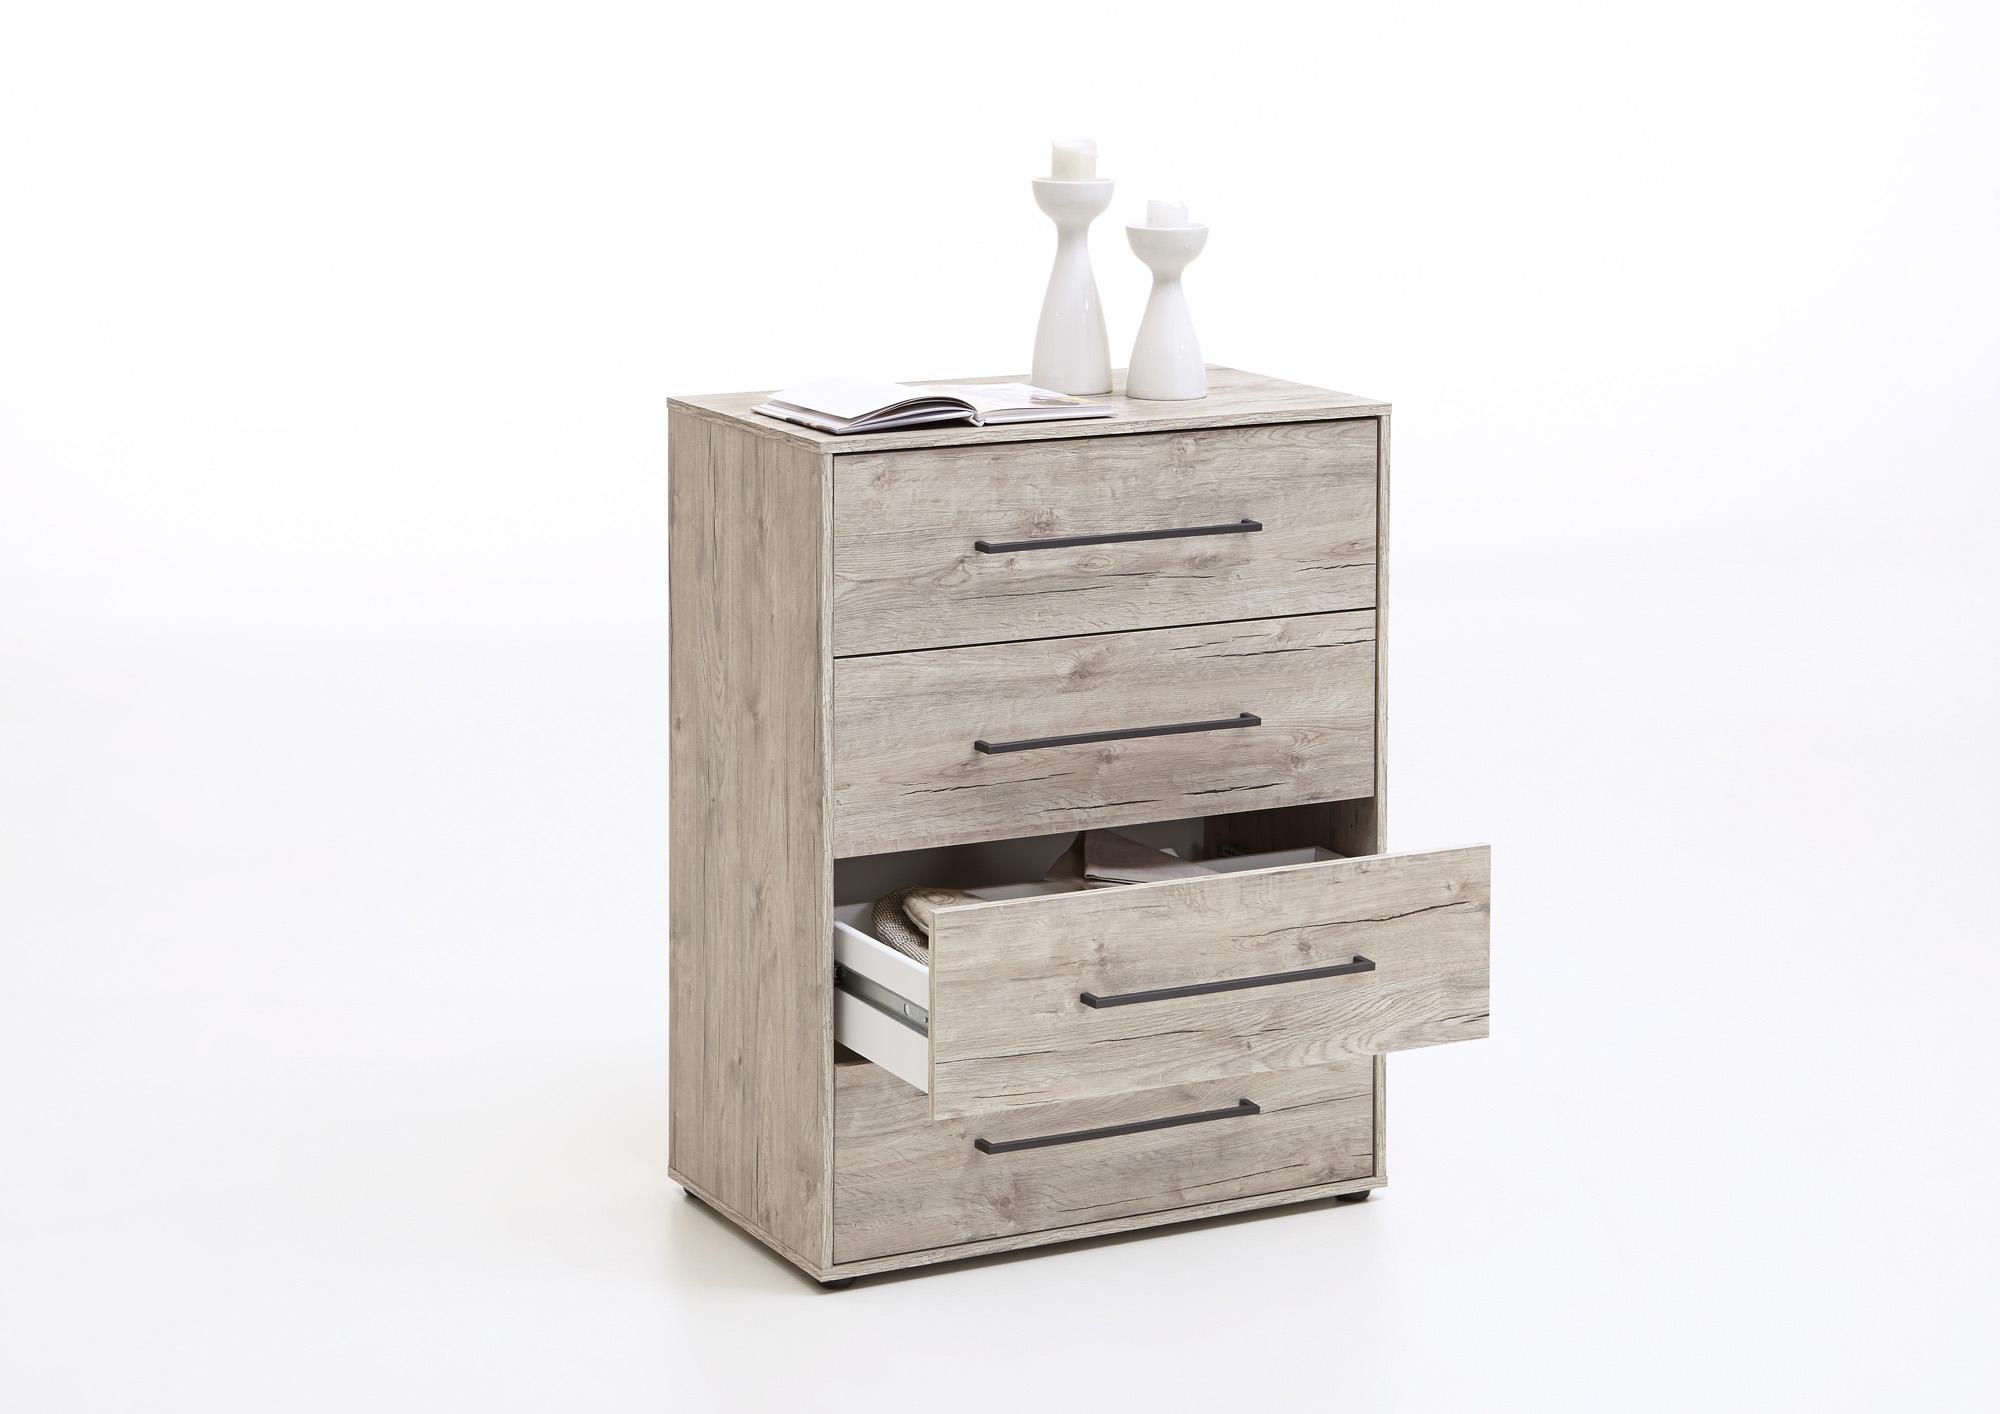 kommode schubladenkommode mehrzweckkommode sideboard anrichte schrank sandeiche ebay. Black Bedroom Furniture Sets. Home Design Ideas